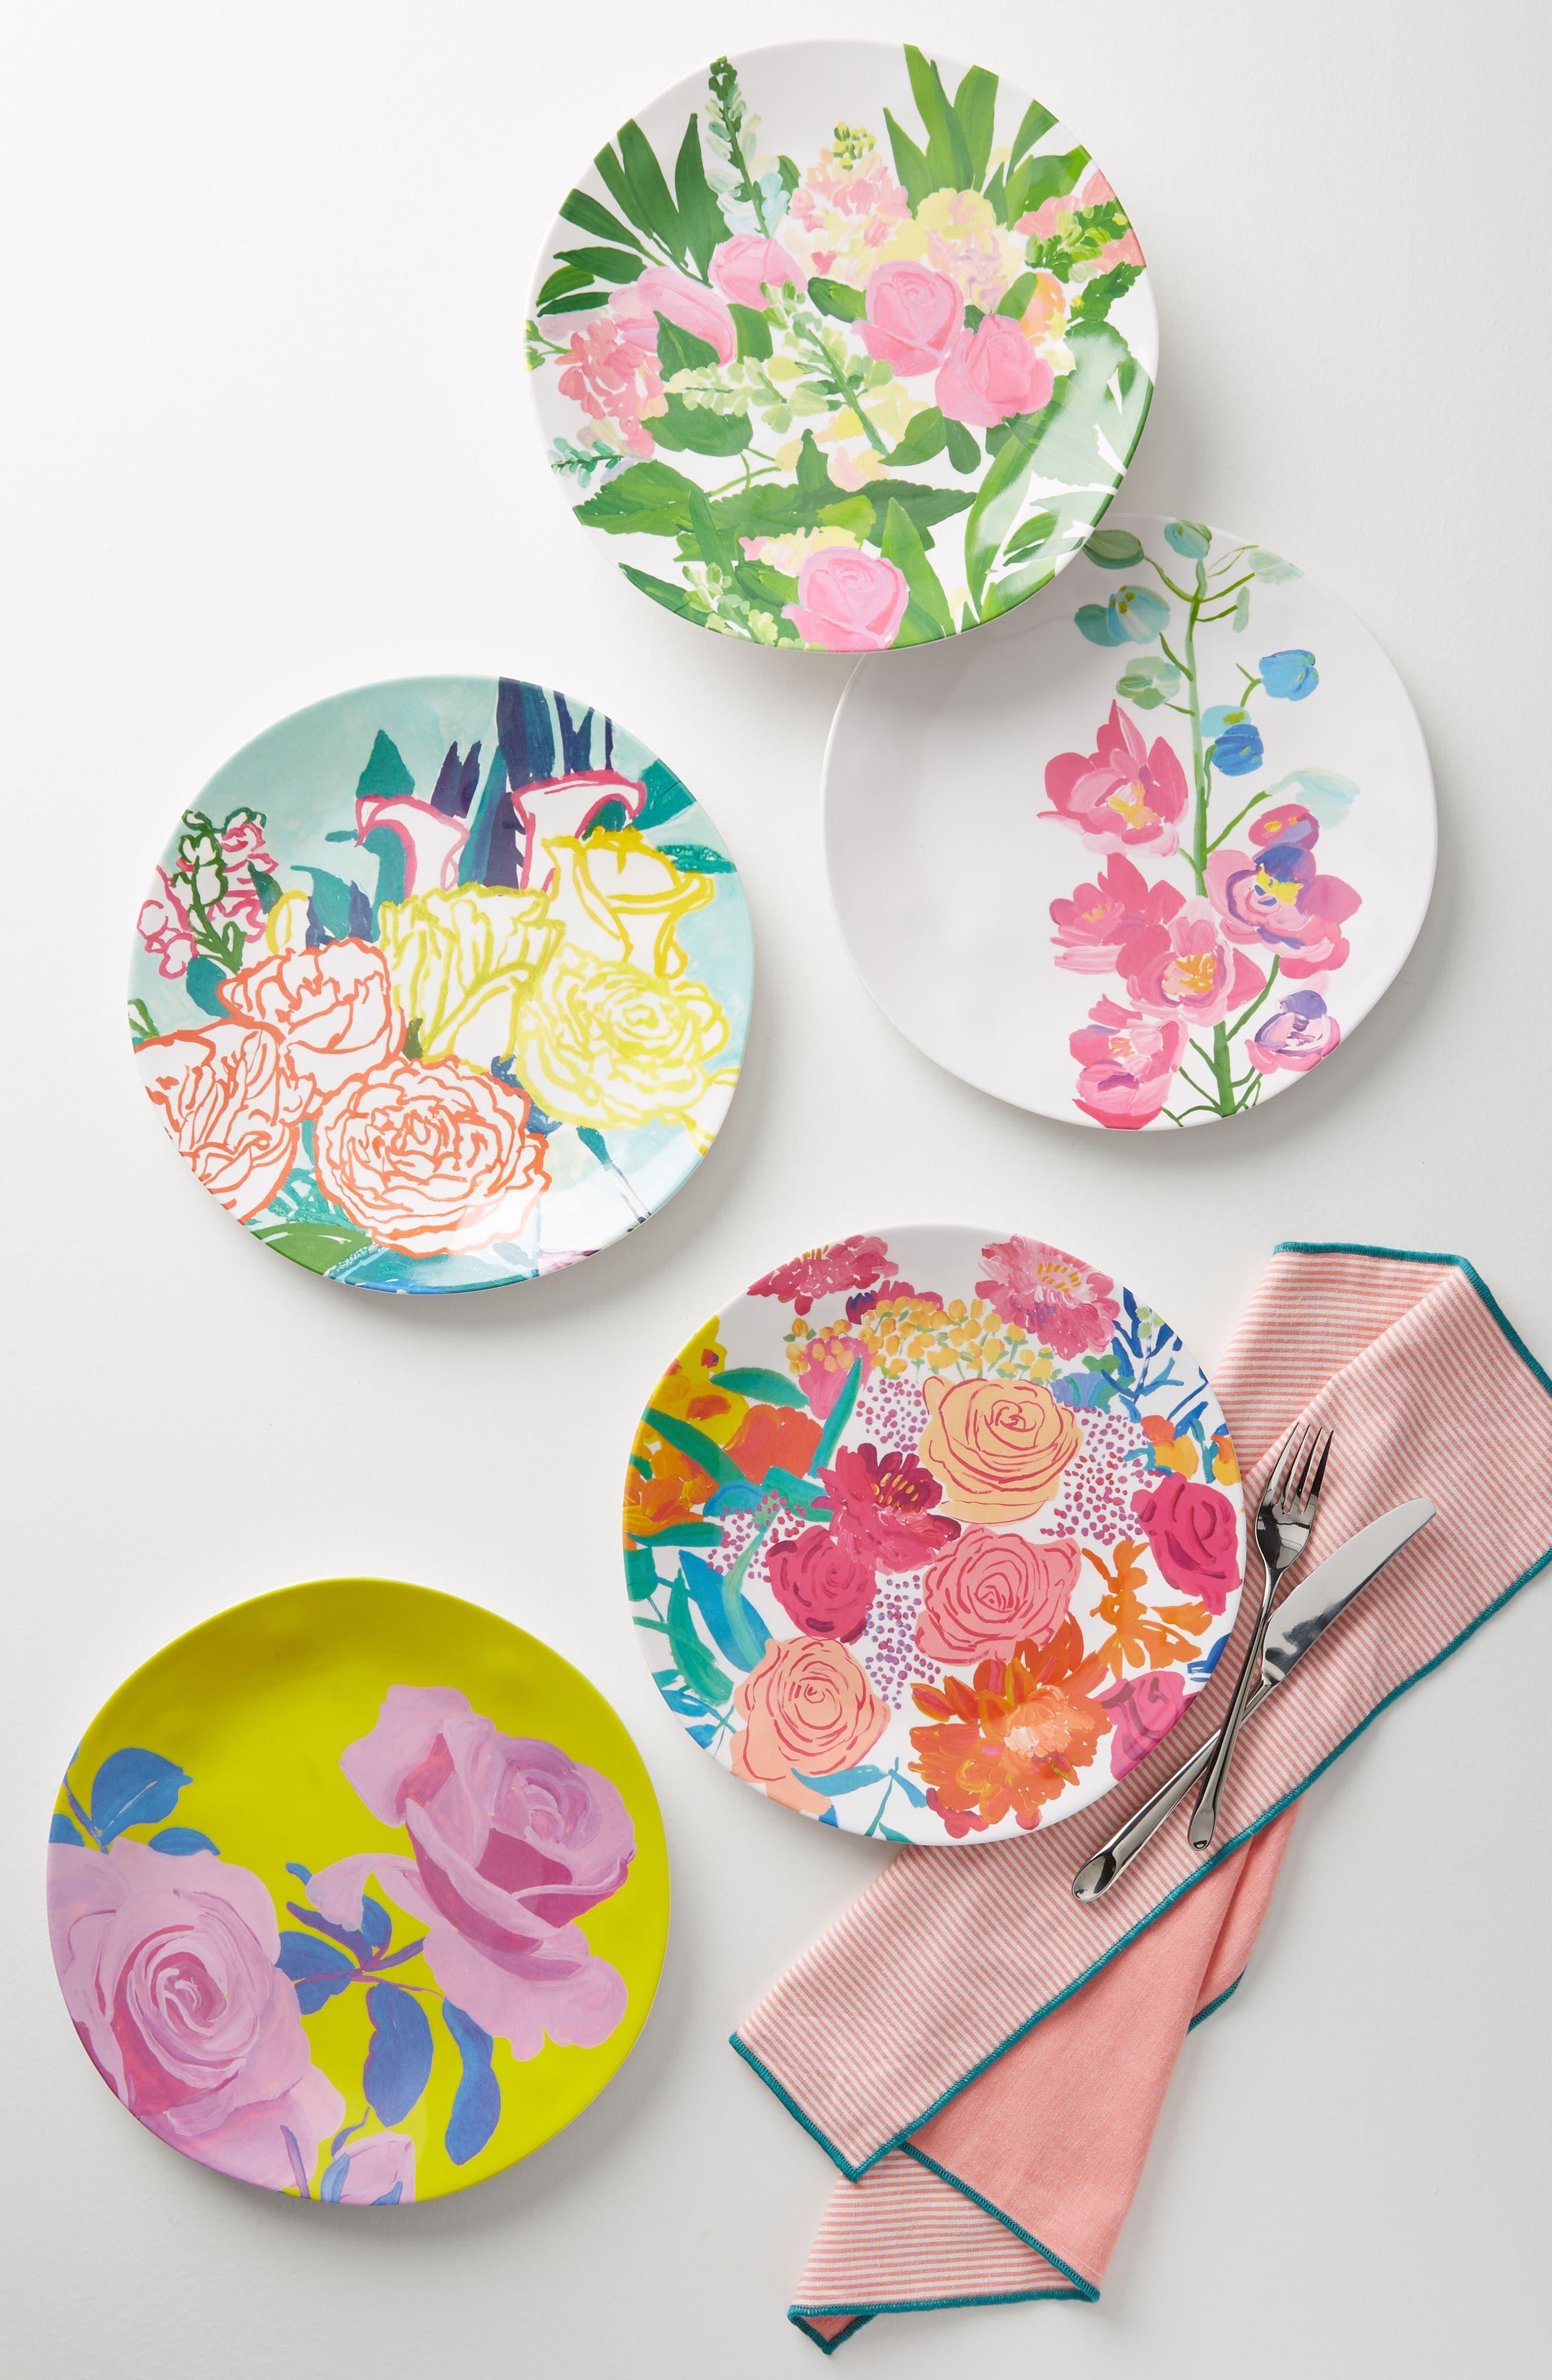 Paint + Petals Melamine Plate,                             Main thumbnail 1, color,                             105